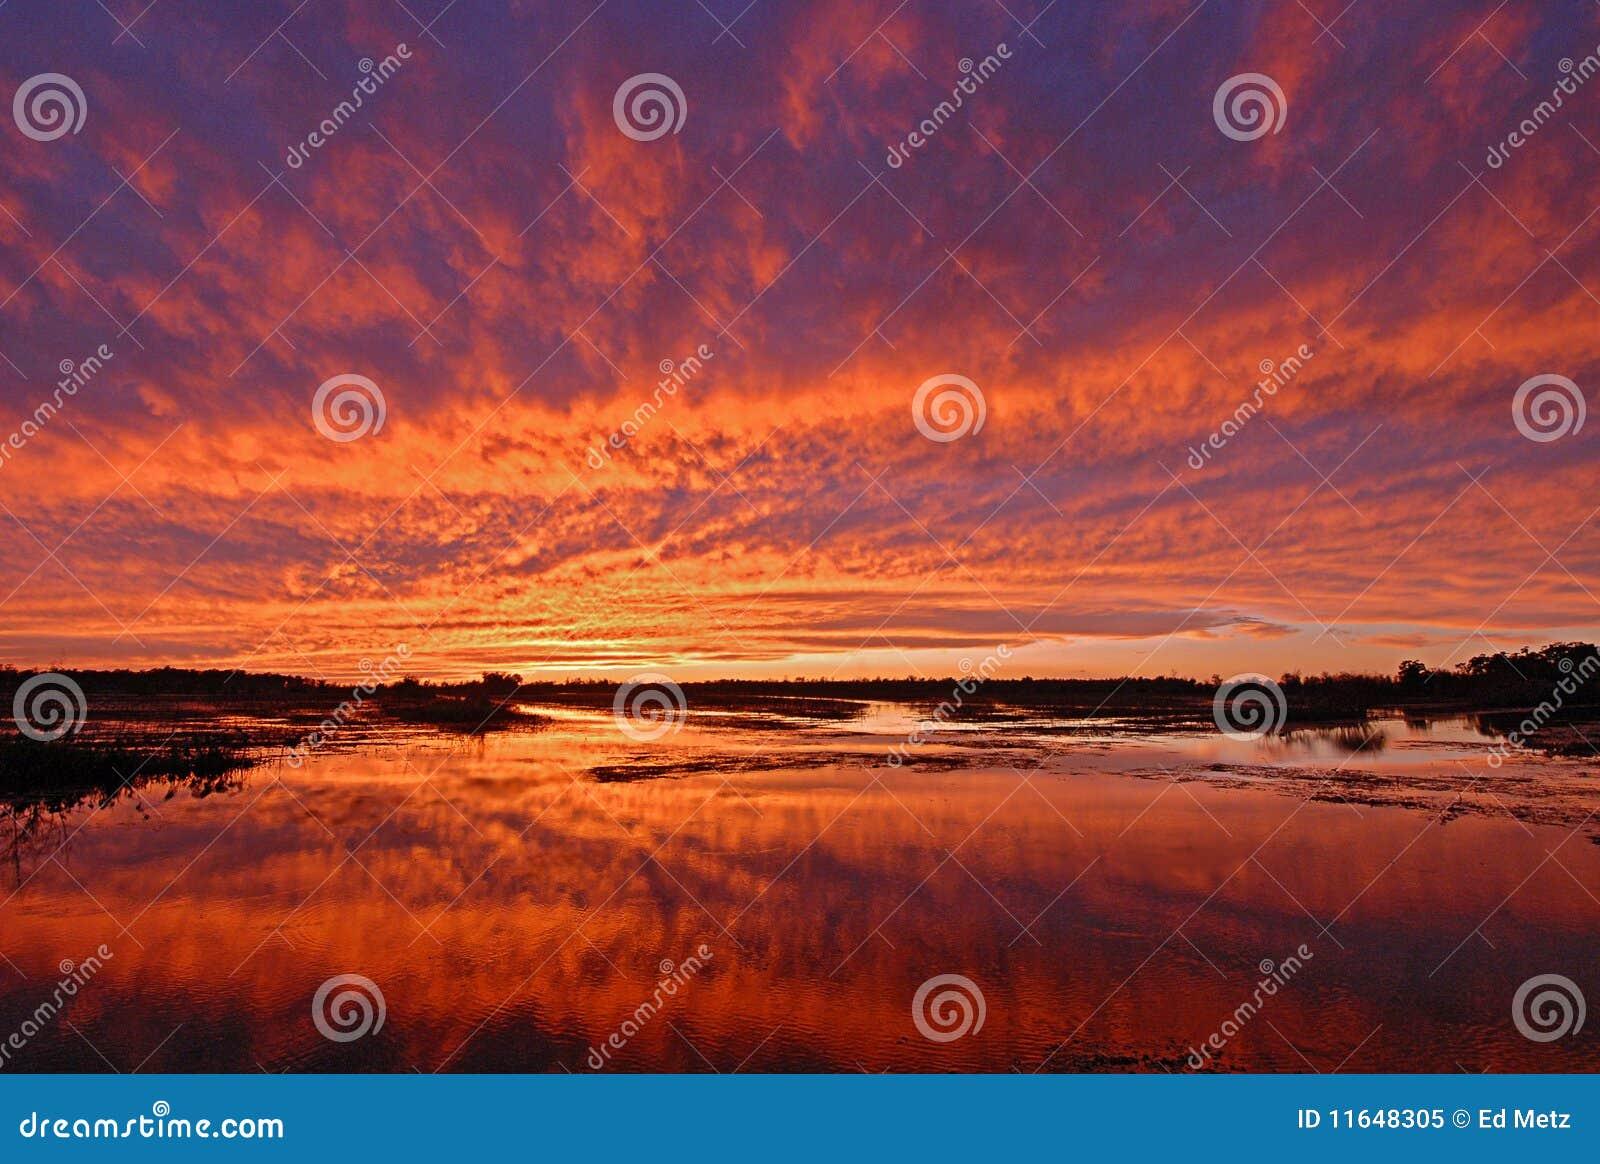 Puesta del sol brillante sobre pantano del humedal